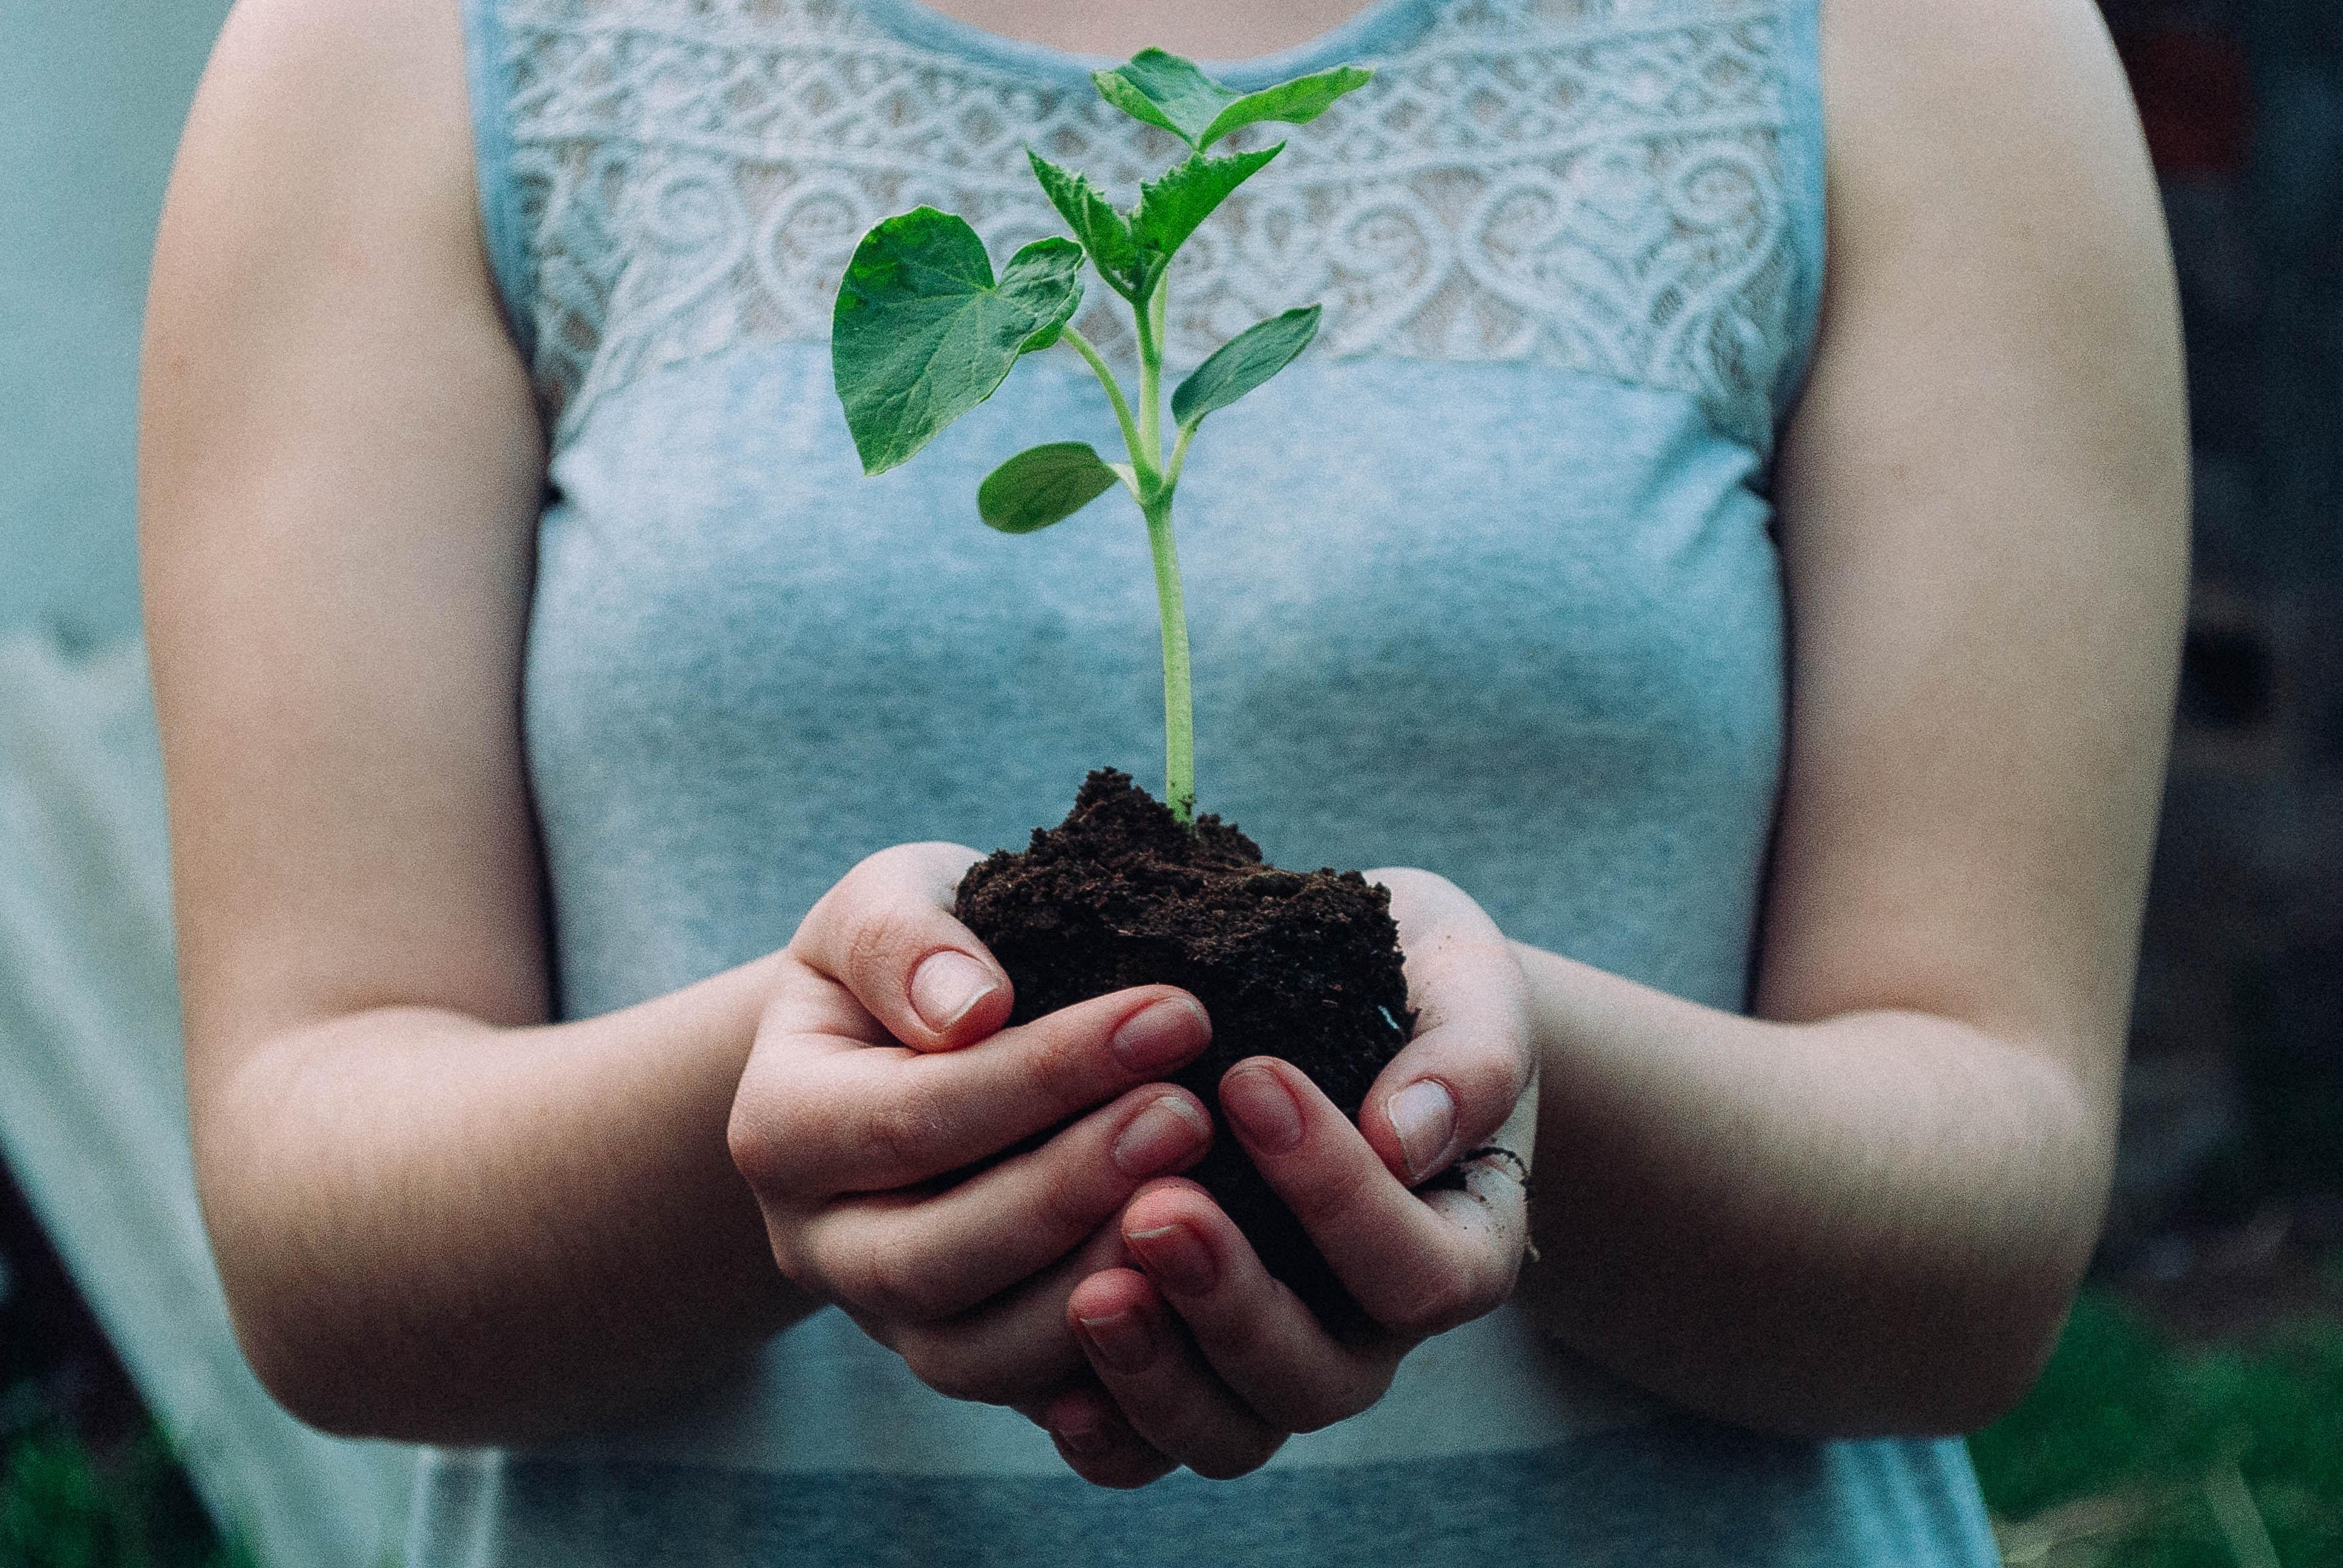 Frau hält eine Pflanze in ihren Händen